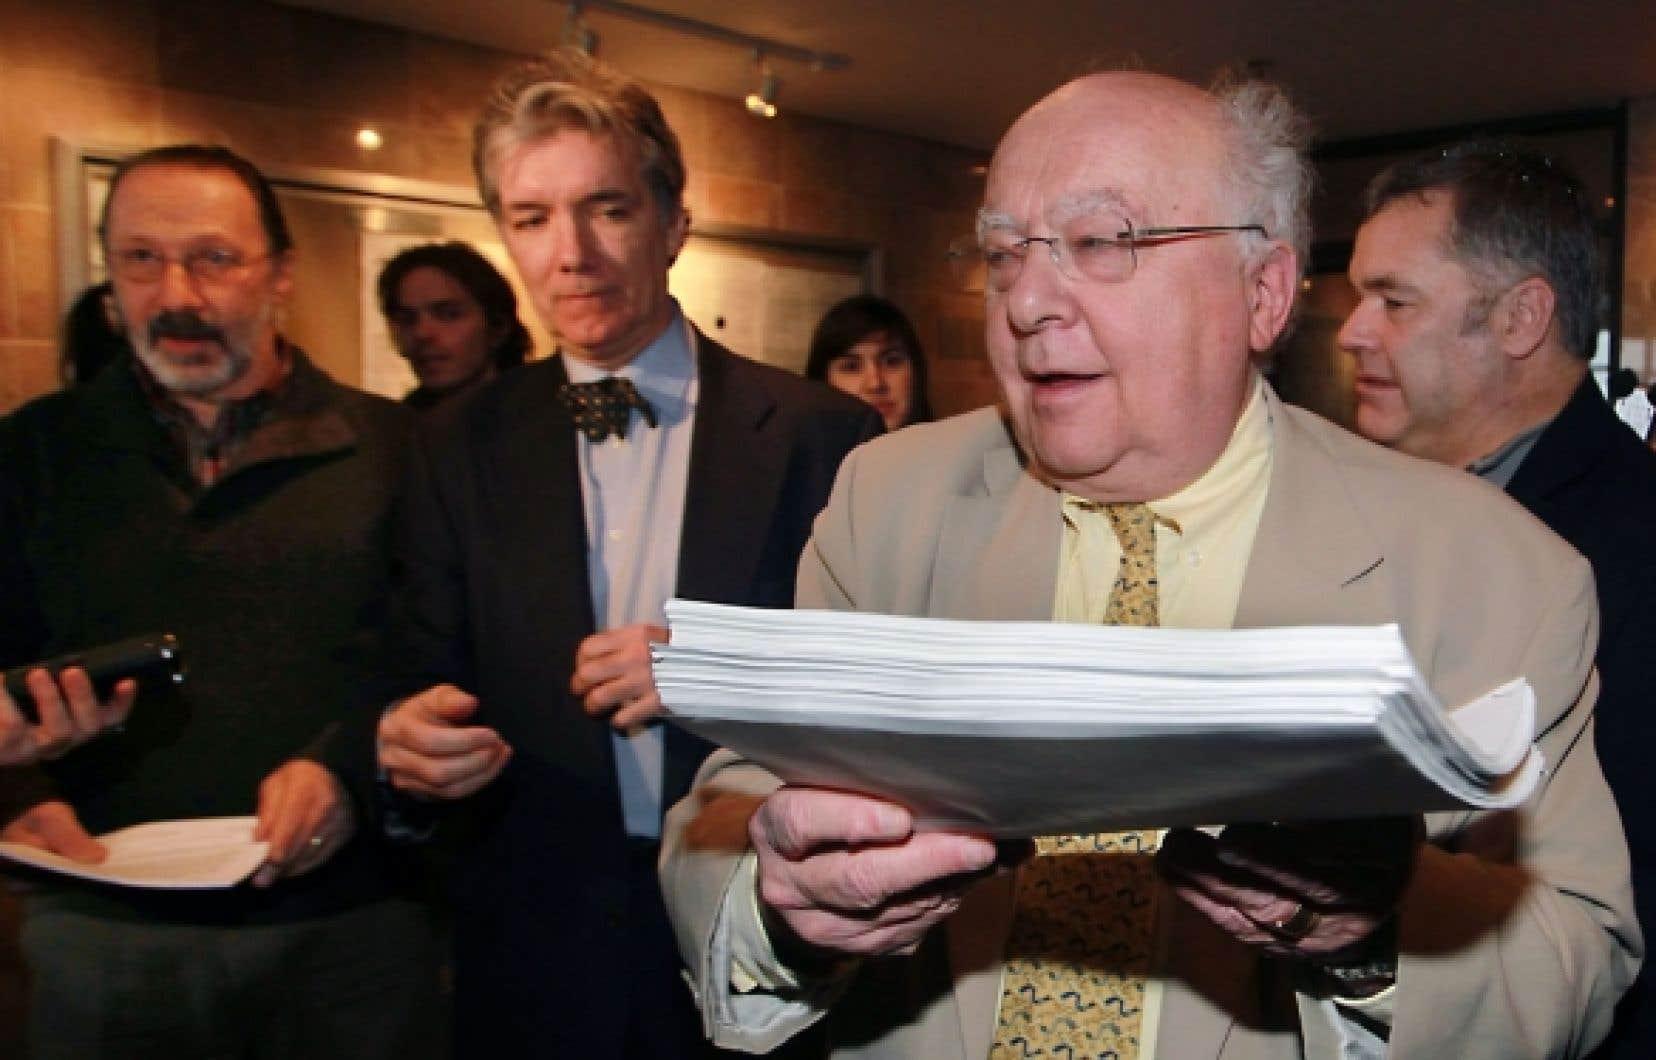 L'avocat Julius Grey ne se considère pas comme un anglophone, mais bien comme un Québécois qui parle deux langues.